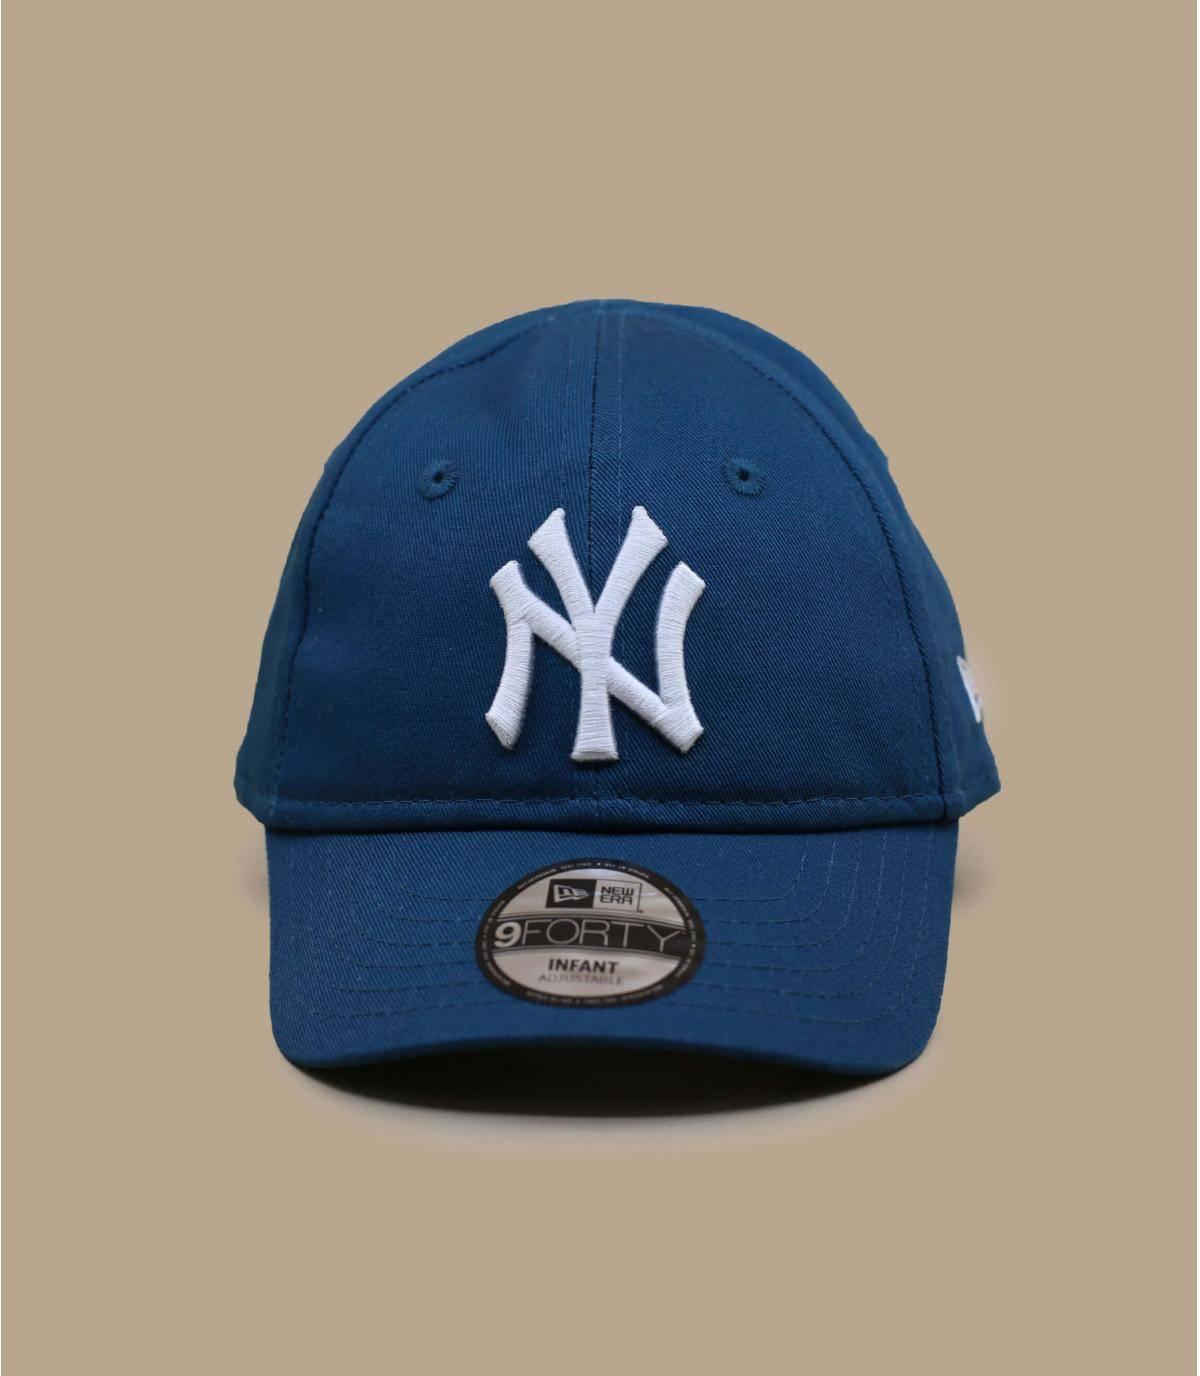 blauwe NY babypet